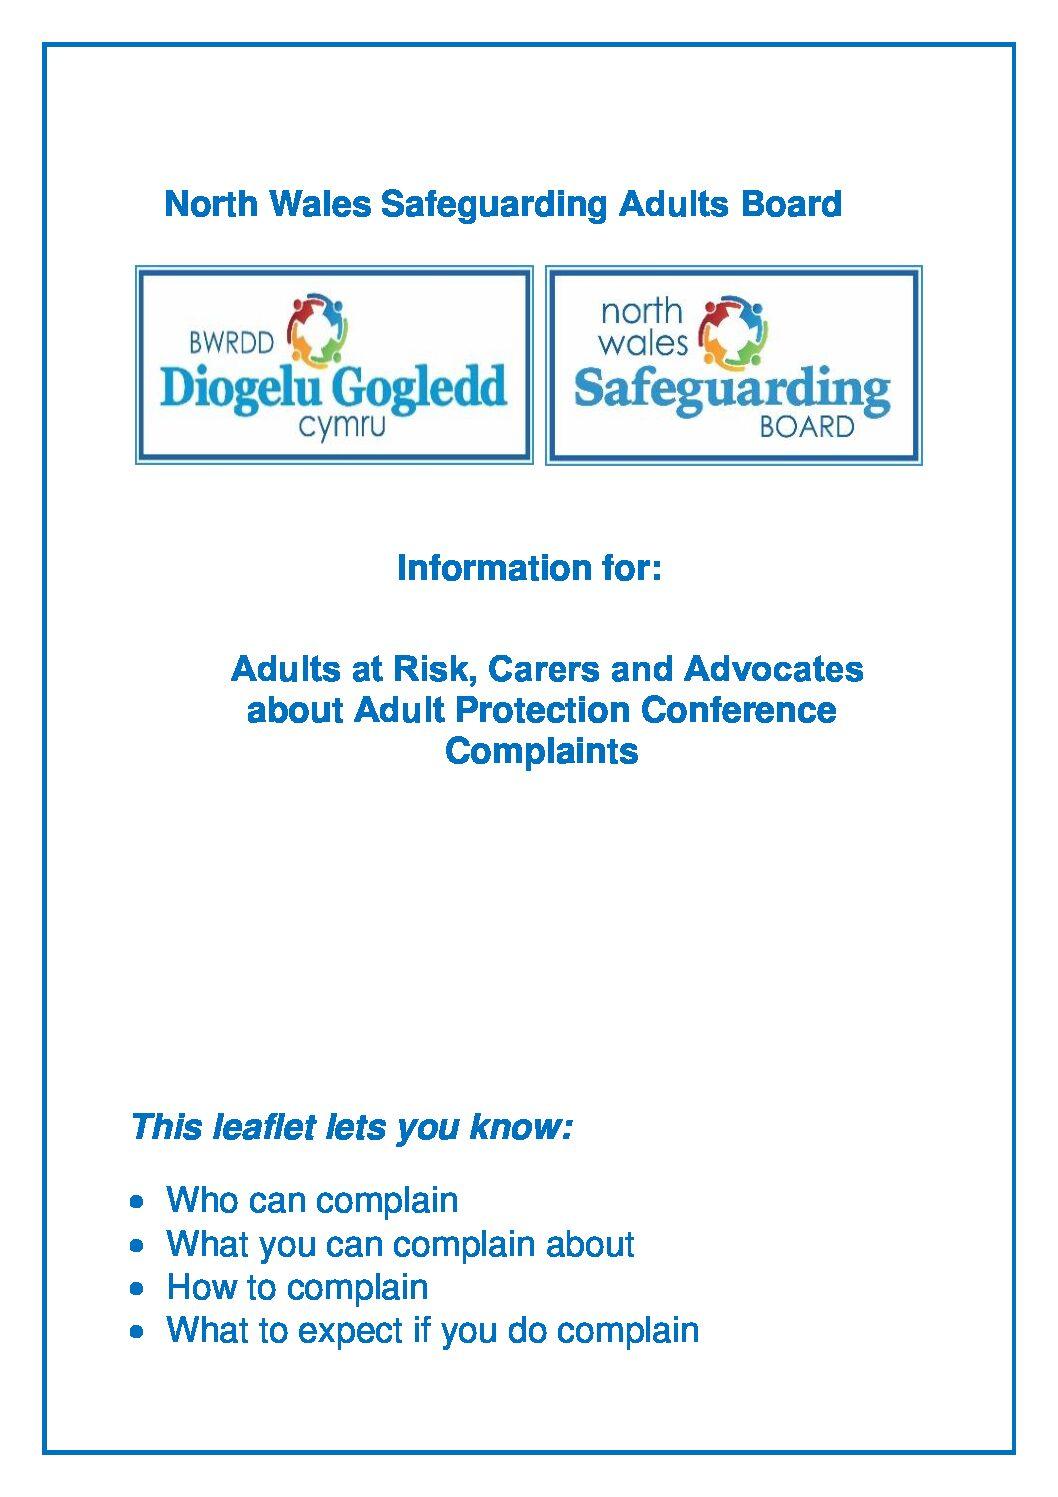 NWSAB Management of Complaints Practice Information leaflet.